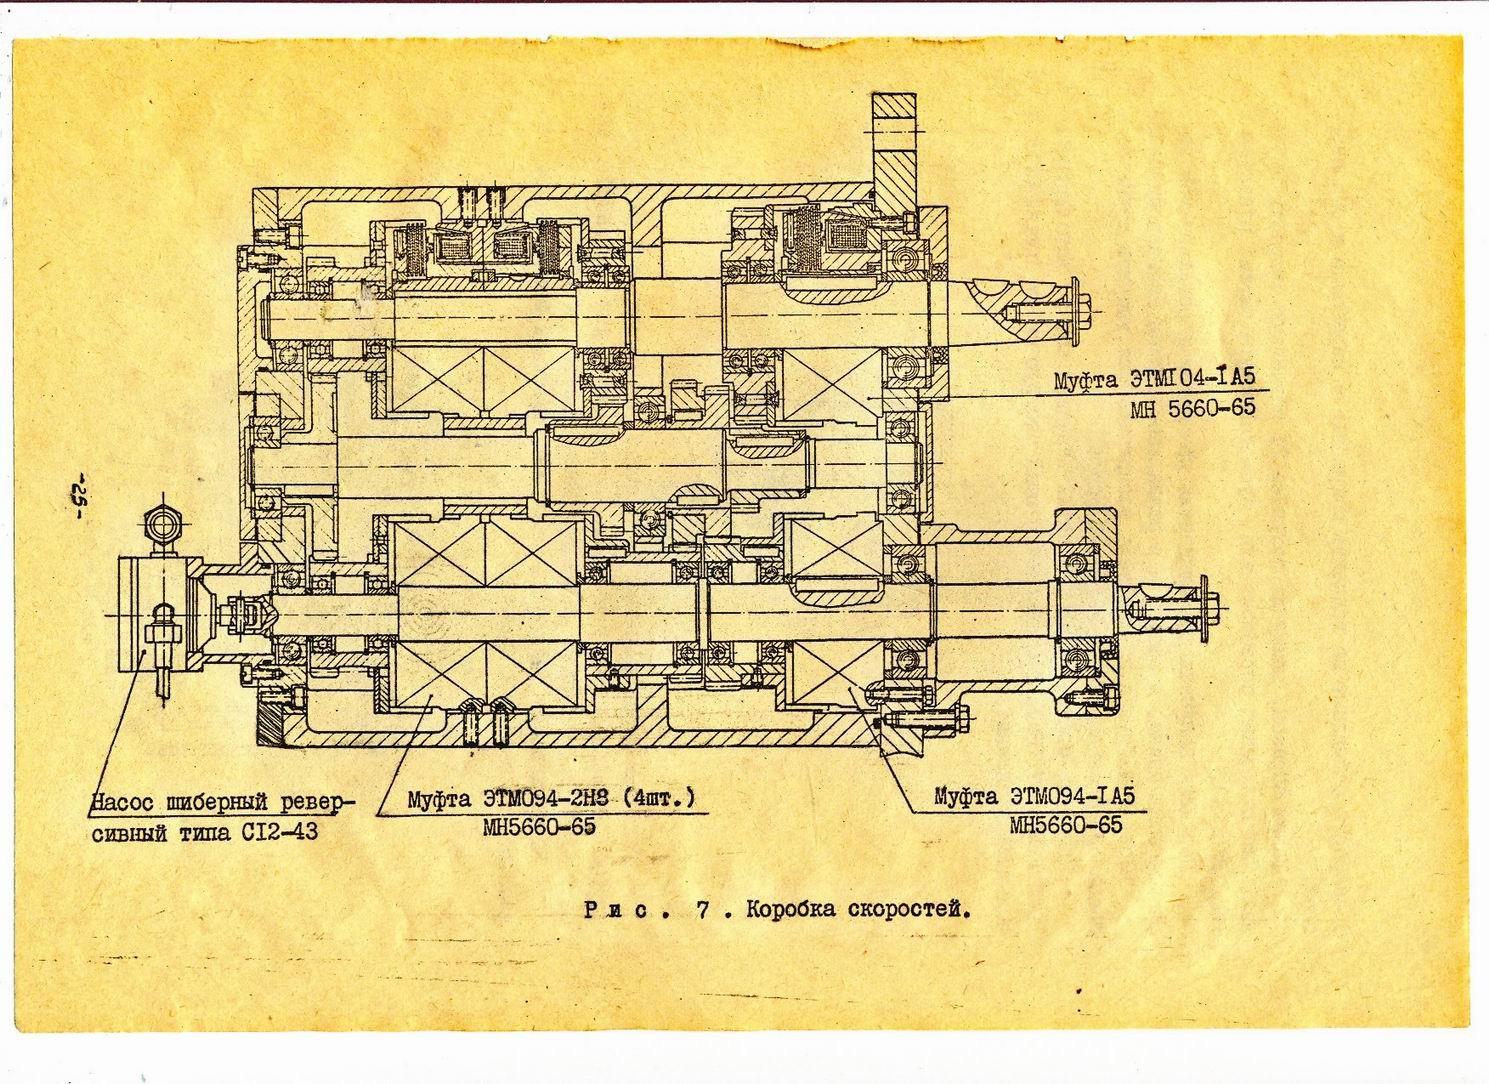 схема коробки скоростей токарно-винтового станка